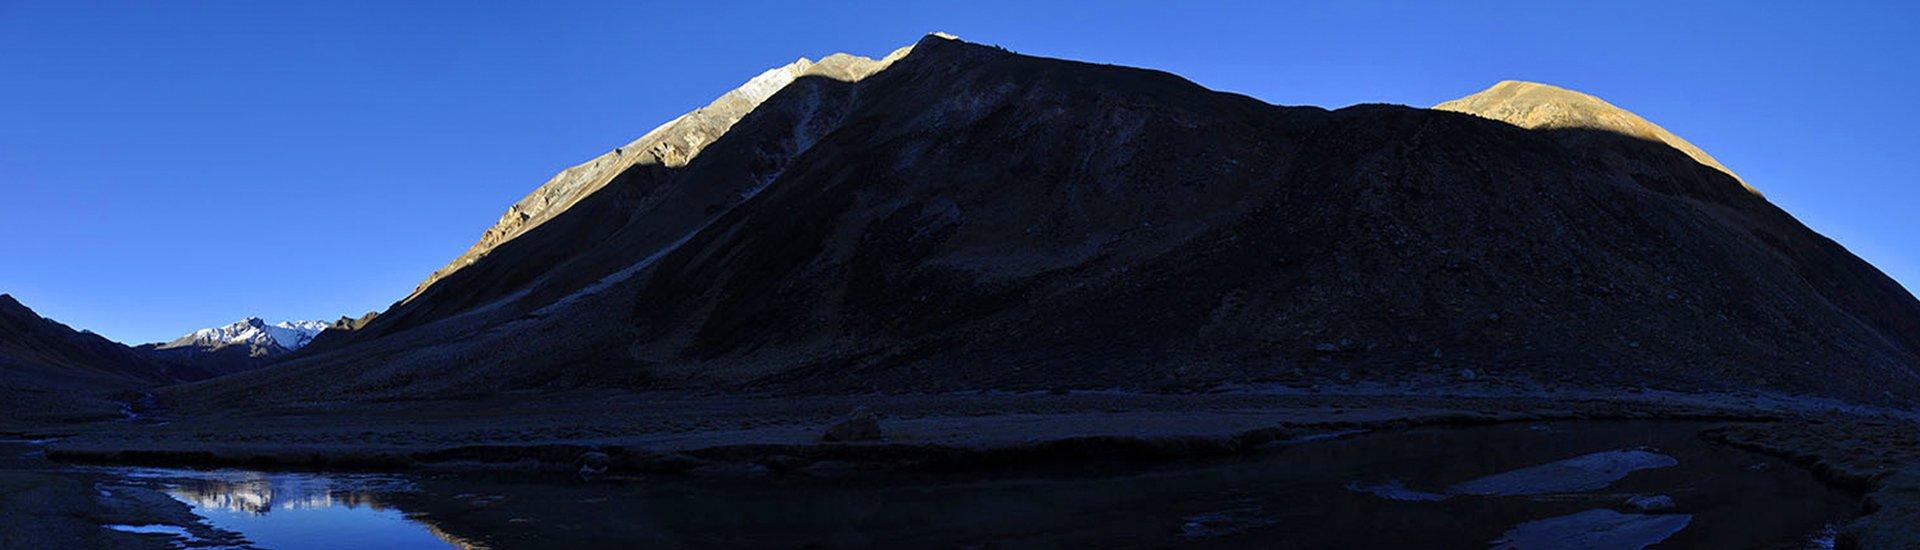 limi valley trek